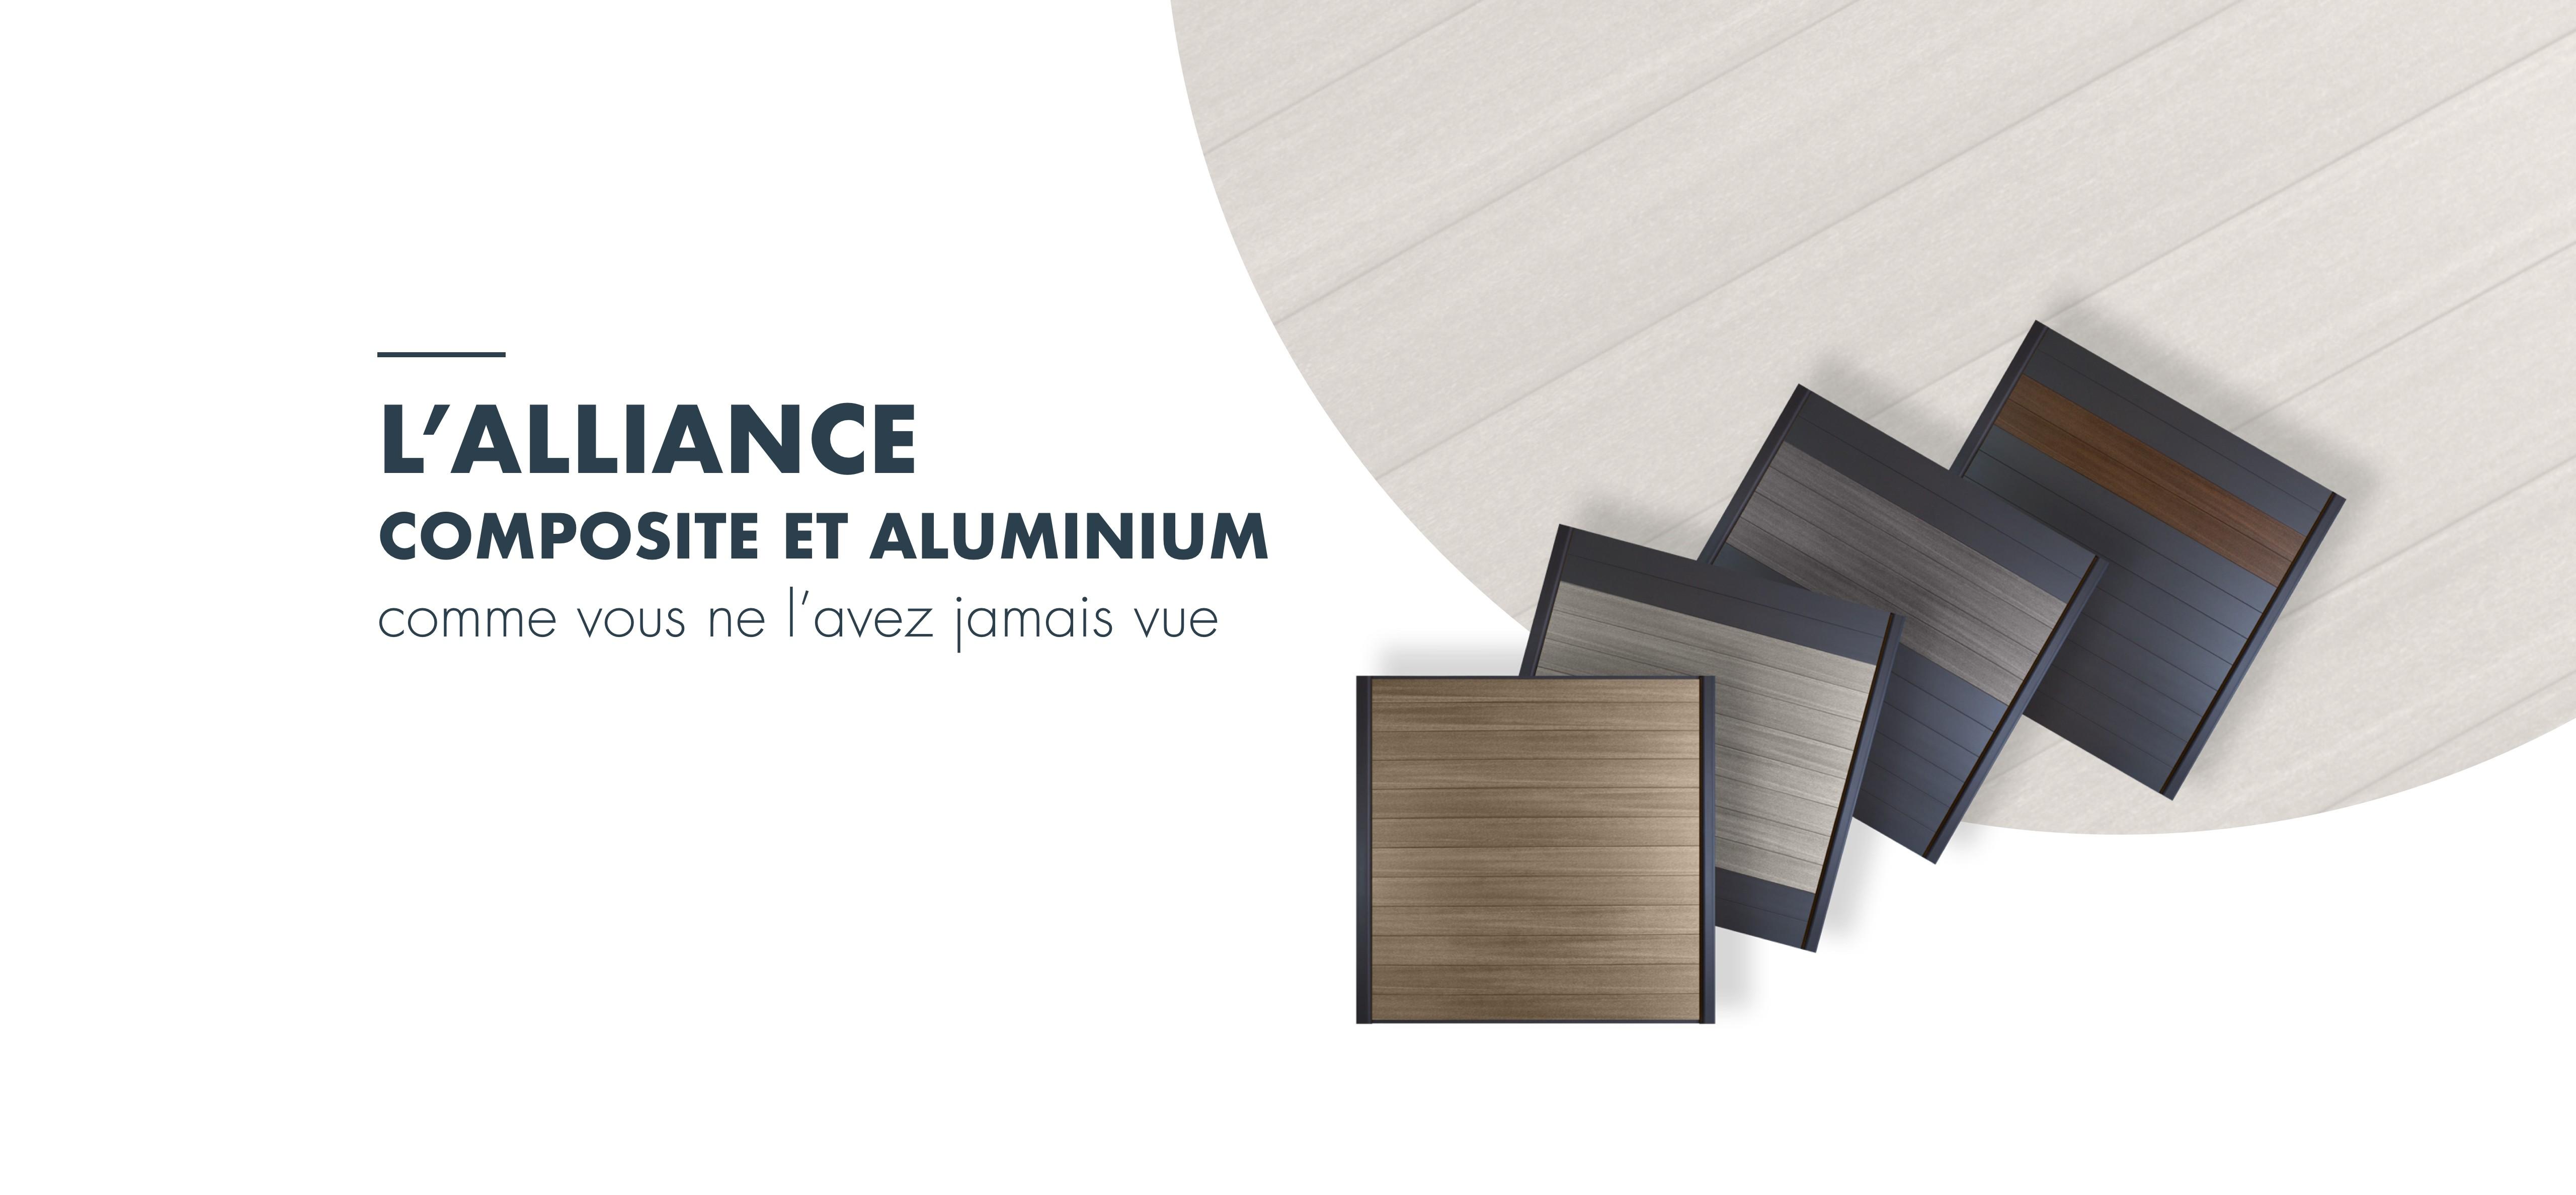 cloture ultraprotect composite aluminium